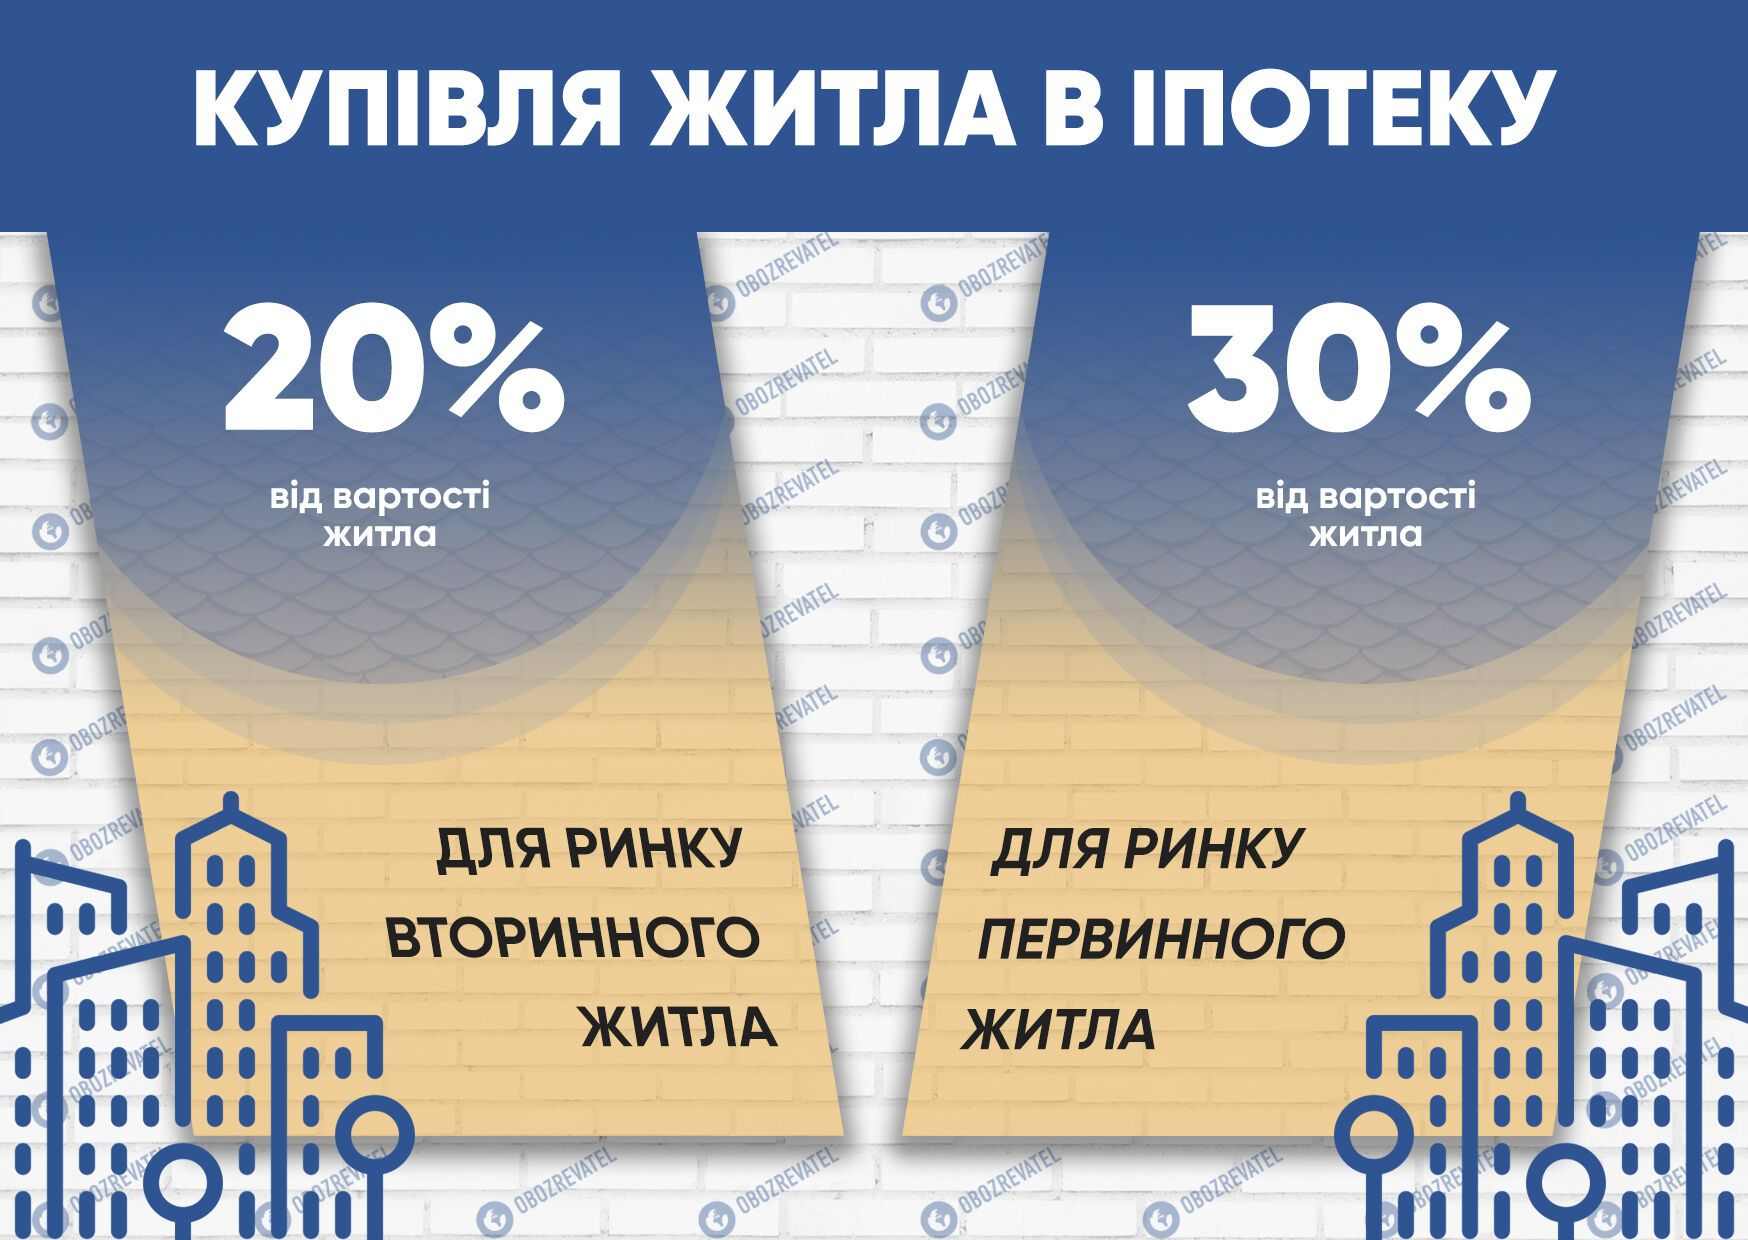 Квартири в іпотеку: українцям пояснили, як отримати гроші